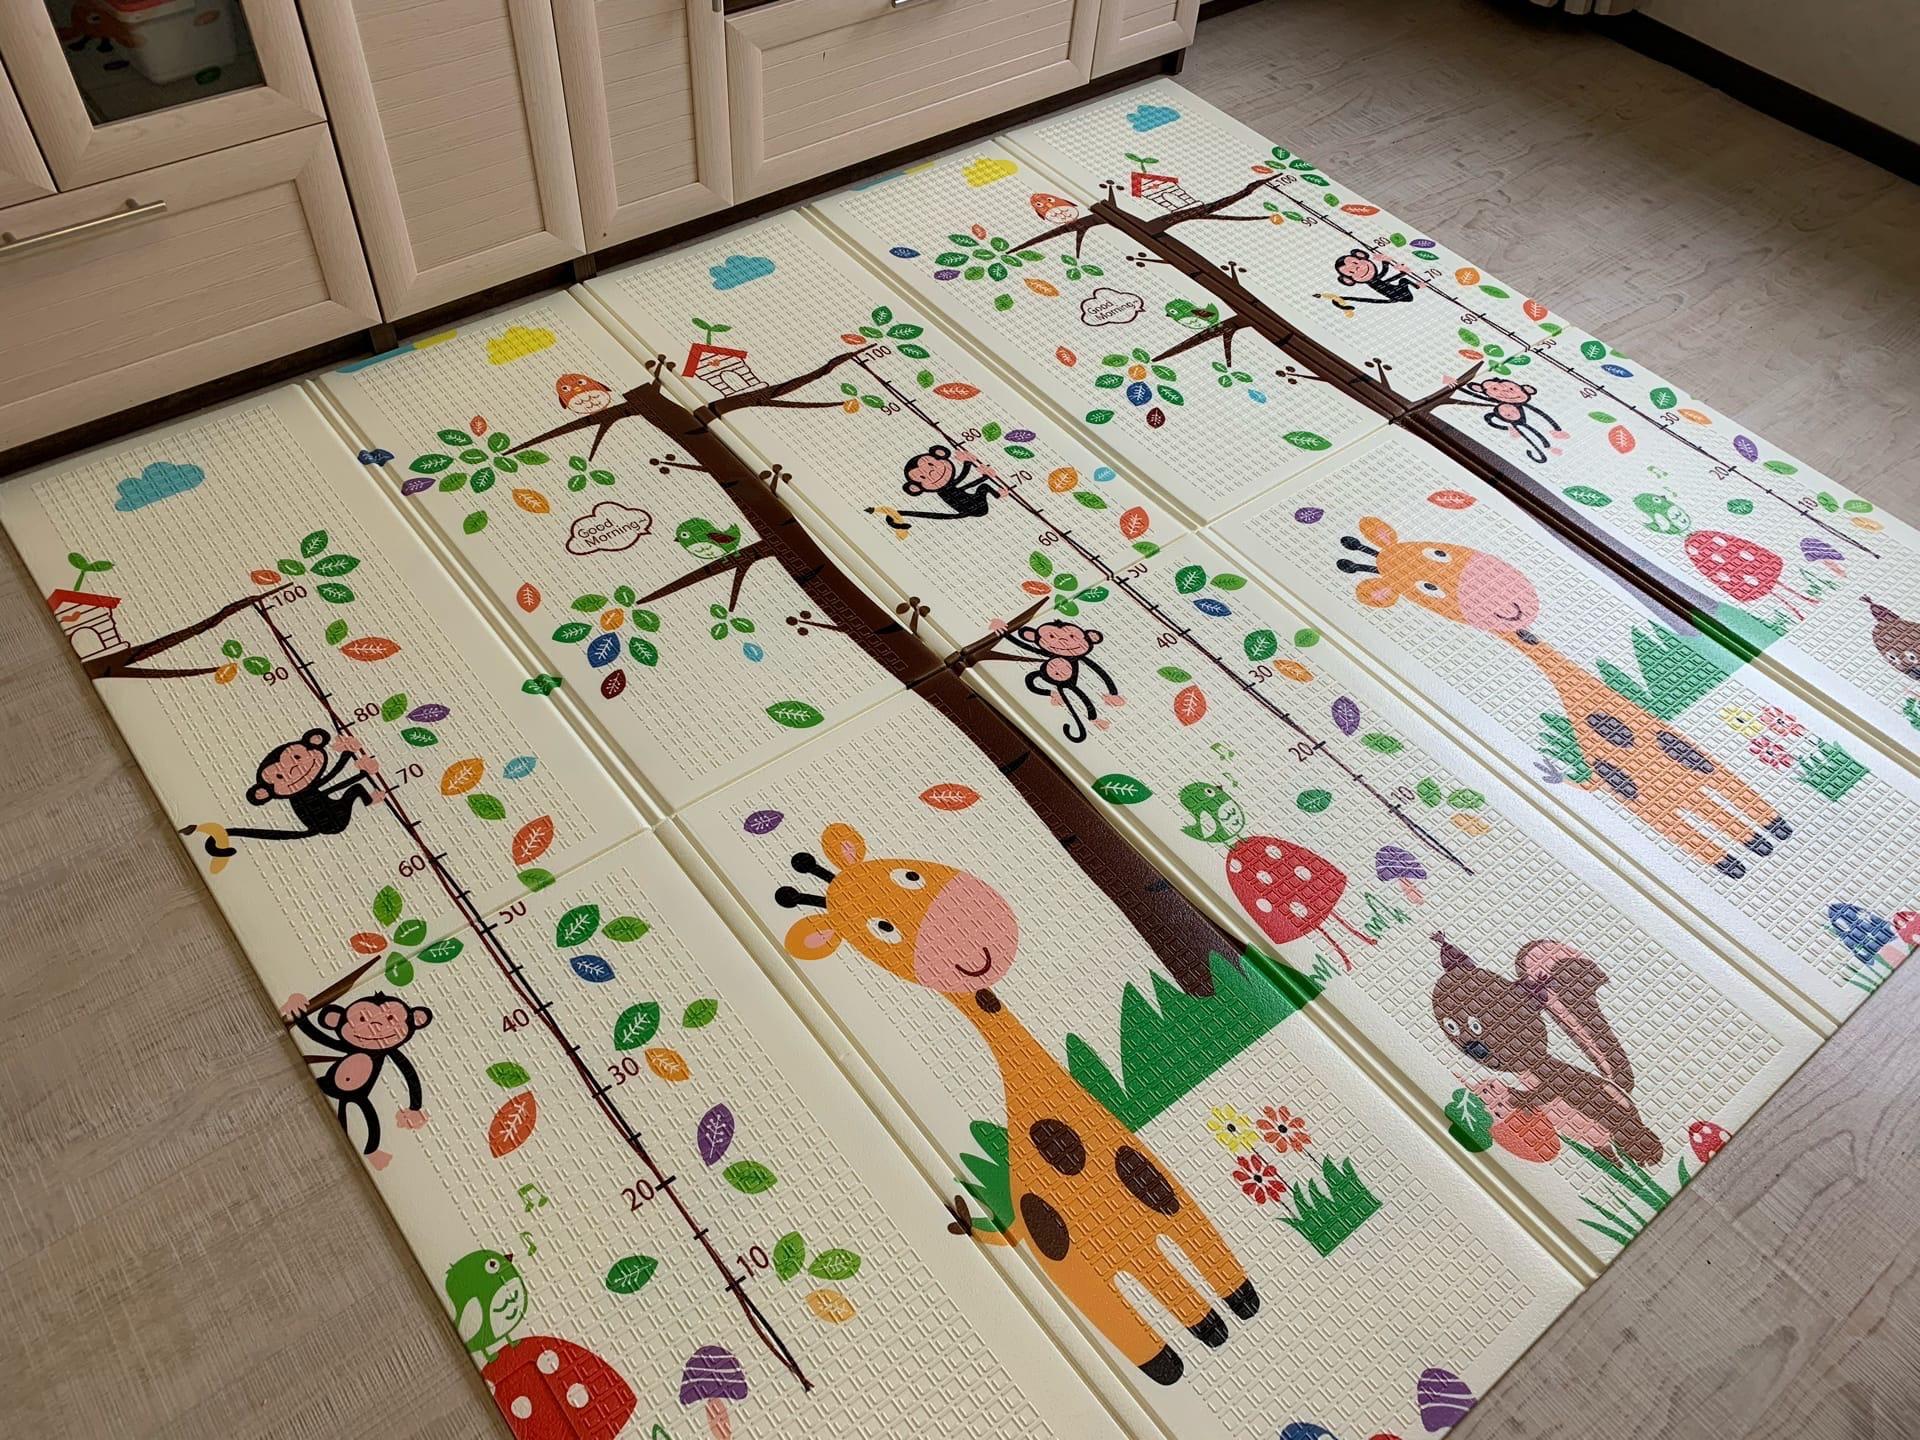 Складной коврик из XPE «лошадки и жирафы» Размер 200x180x1 см